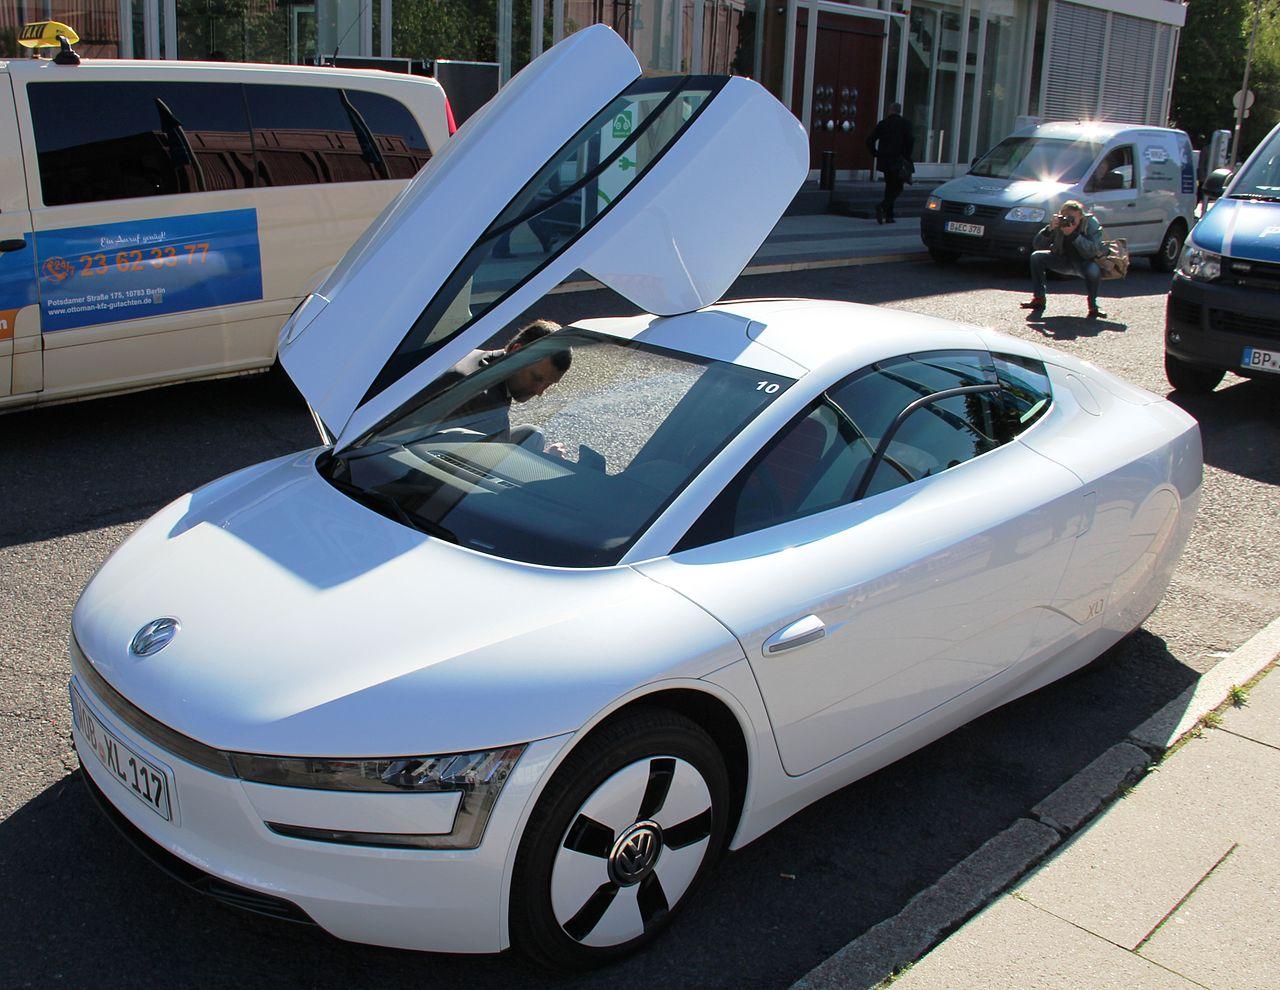 1280px-Volkswagen_XL_driver_side.JPG